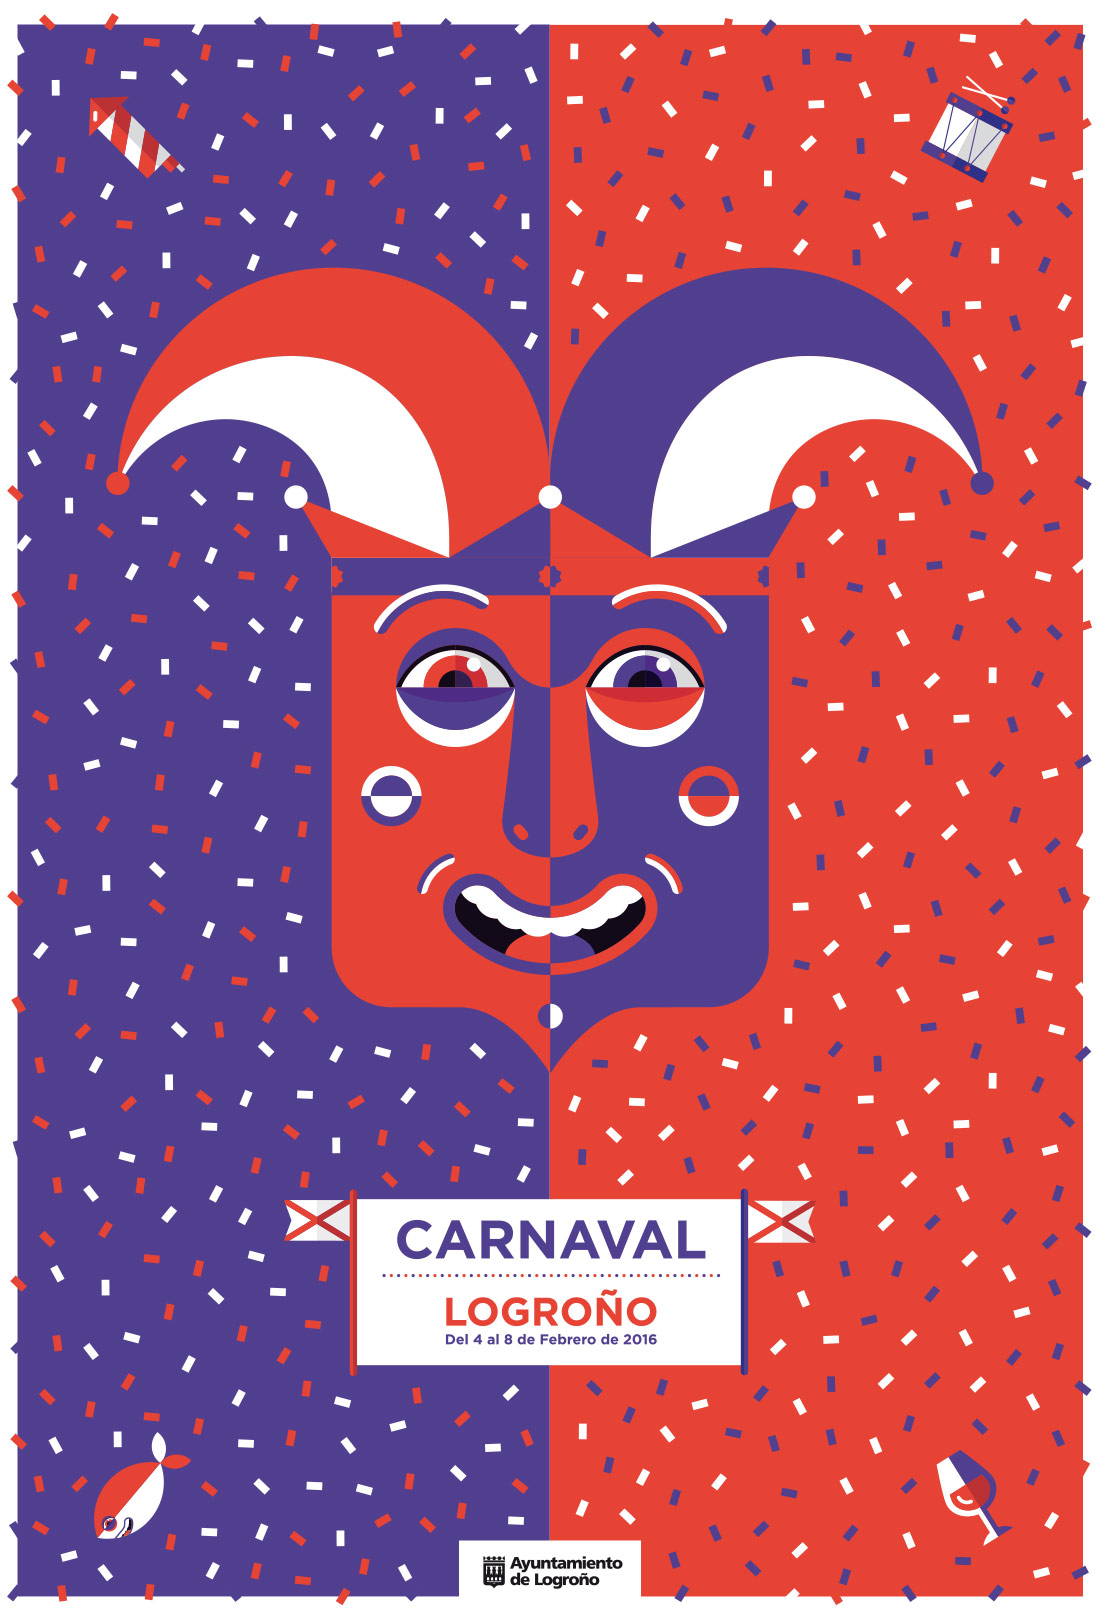 Danilo Triana Calderón gana el Concurso del Cartel de Carnaval